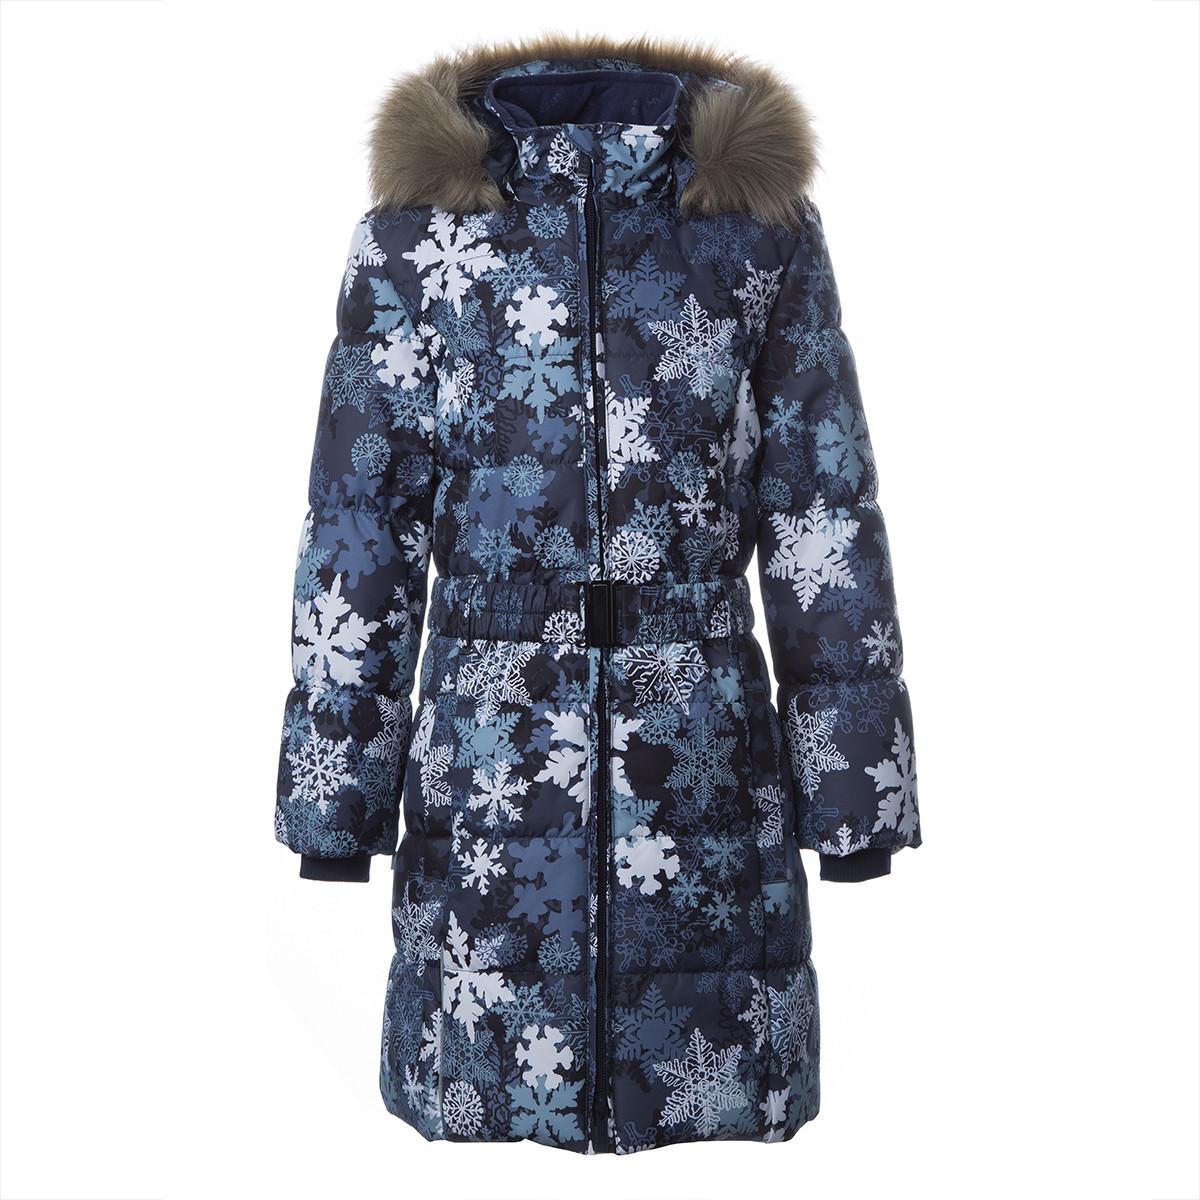 Пальто для девочек Huppa YACARANDA, тёмно-синий с принтом -116 - фото 1